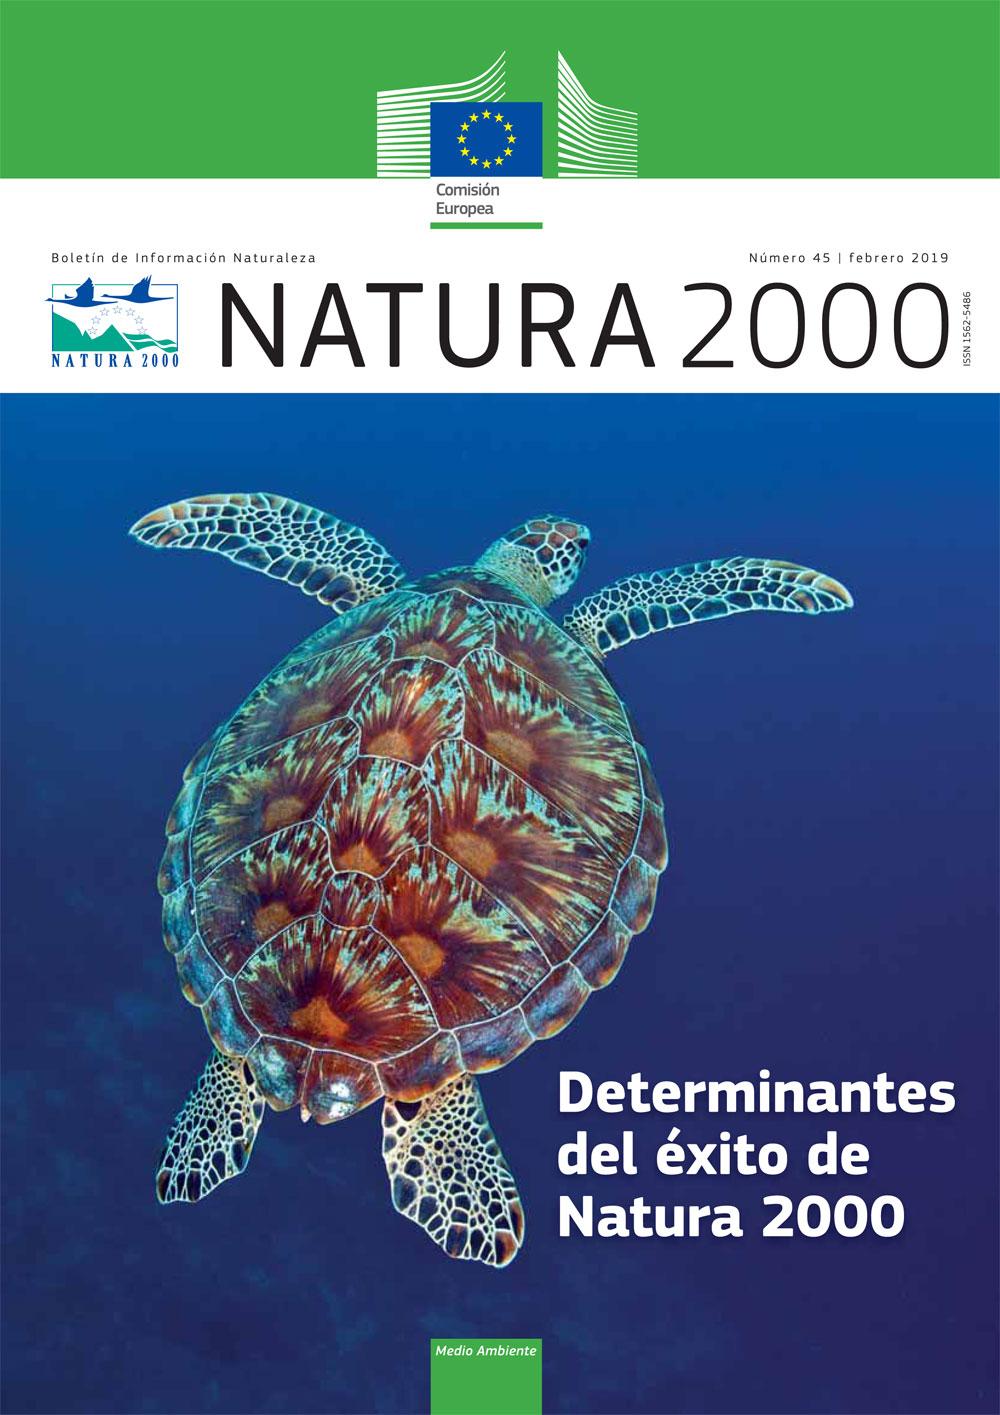 Revista Natura 2000 num 45, febrero 2019 formato papel inglés